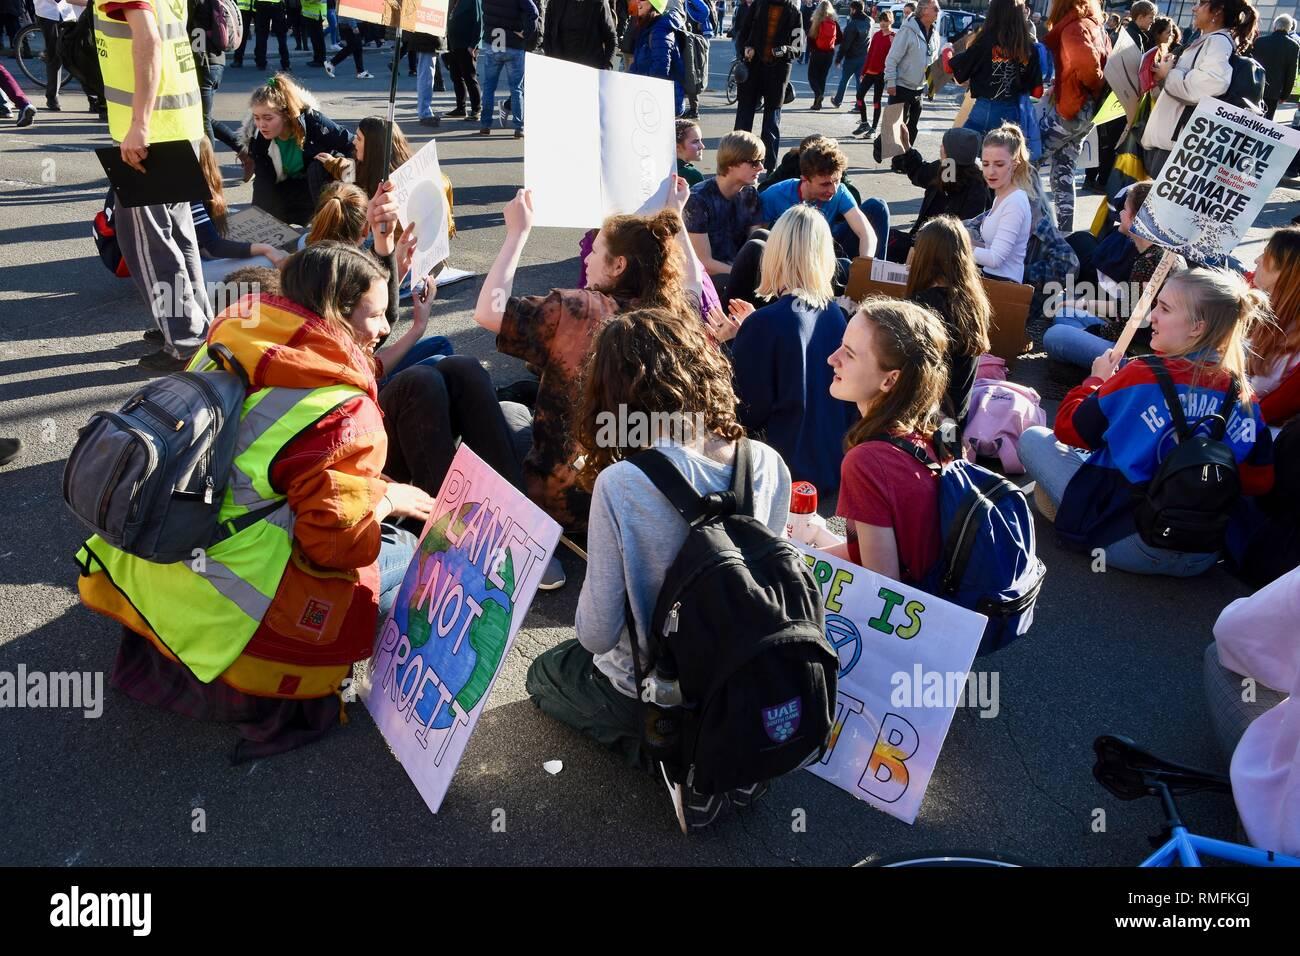 Jóvenes manifestantes bloquearon el tráfico con una sentada de protesta hacia abajo.El Cambio Climático manifestación,Parliament Square, Londres.UK Imagen De Stock